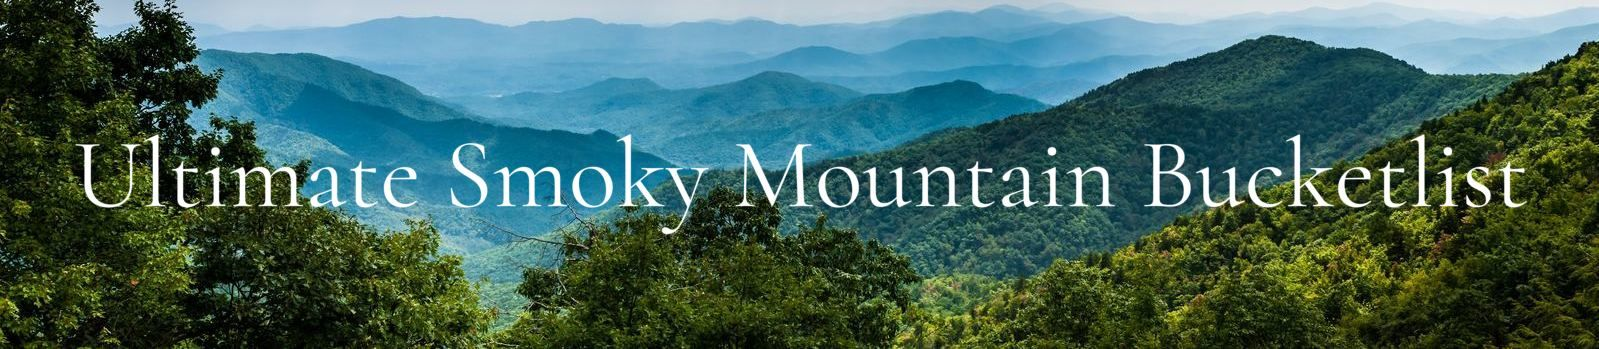 Ultimate Smoky Mountain Bucketlist Banner